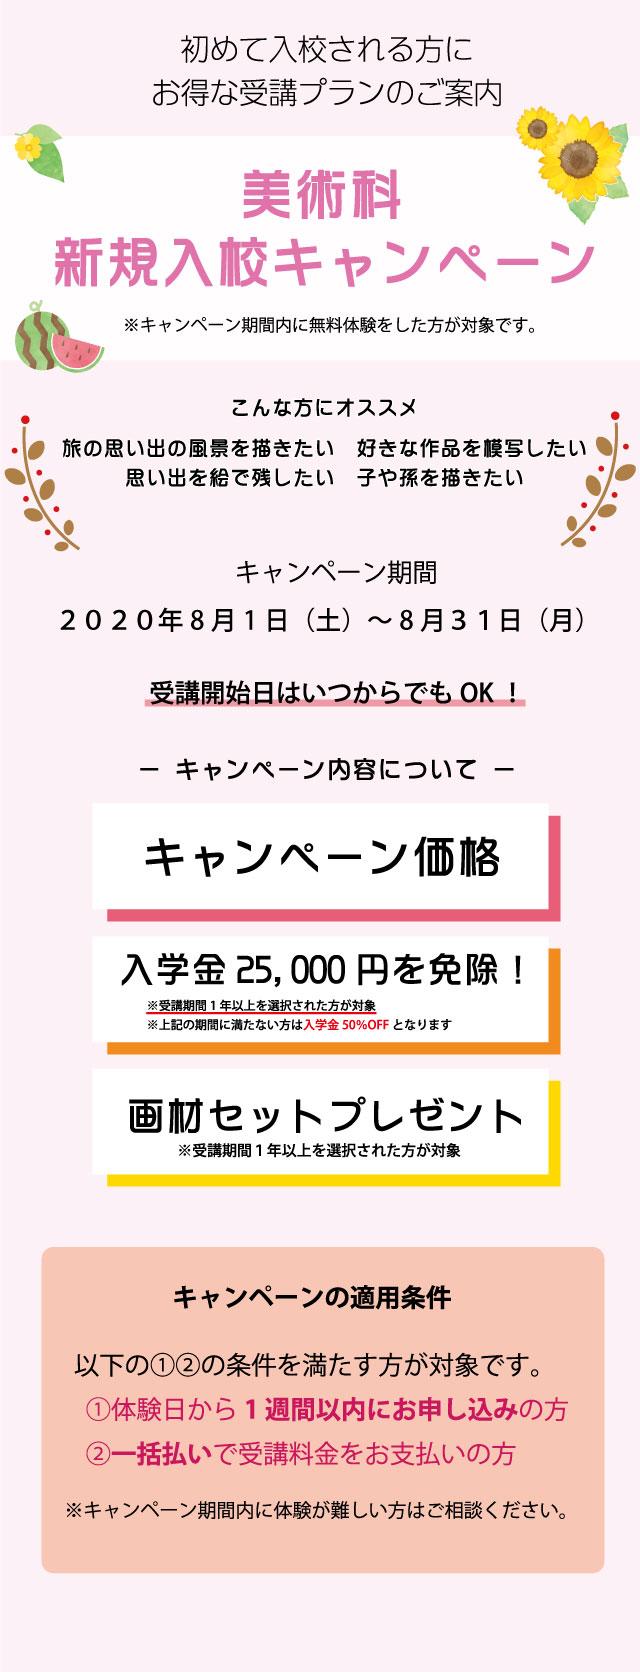 美術科特別価格キャンペーン8月sp